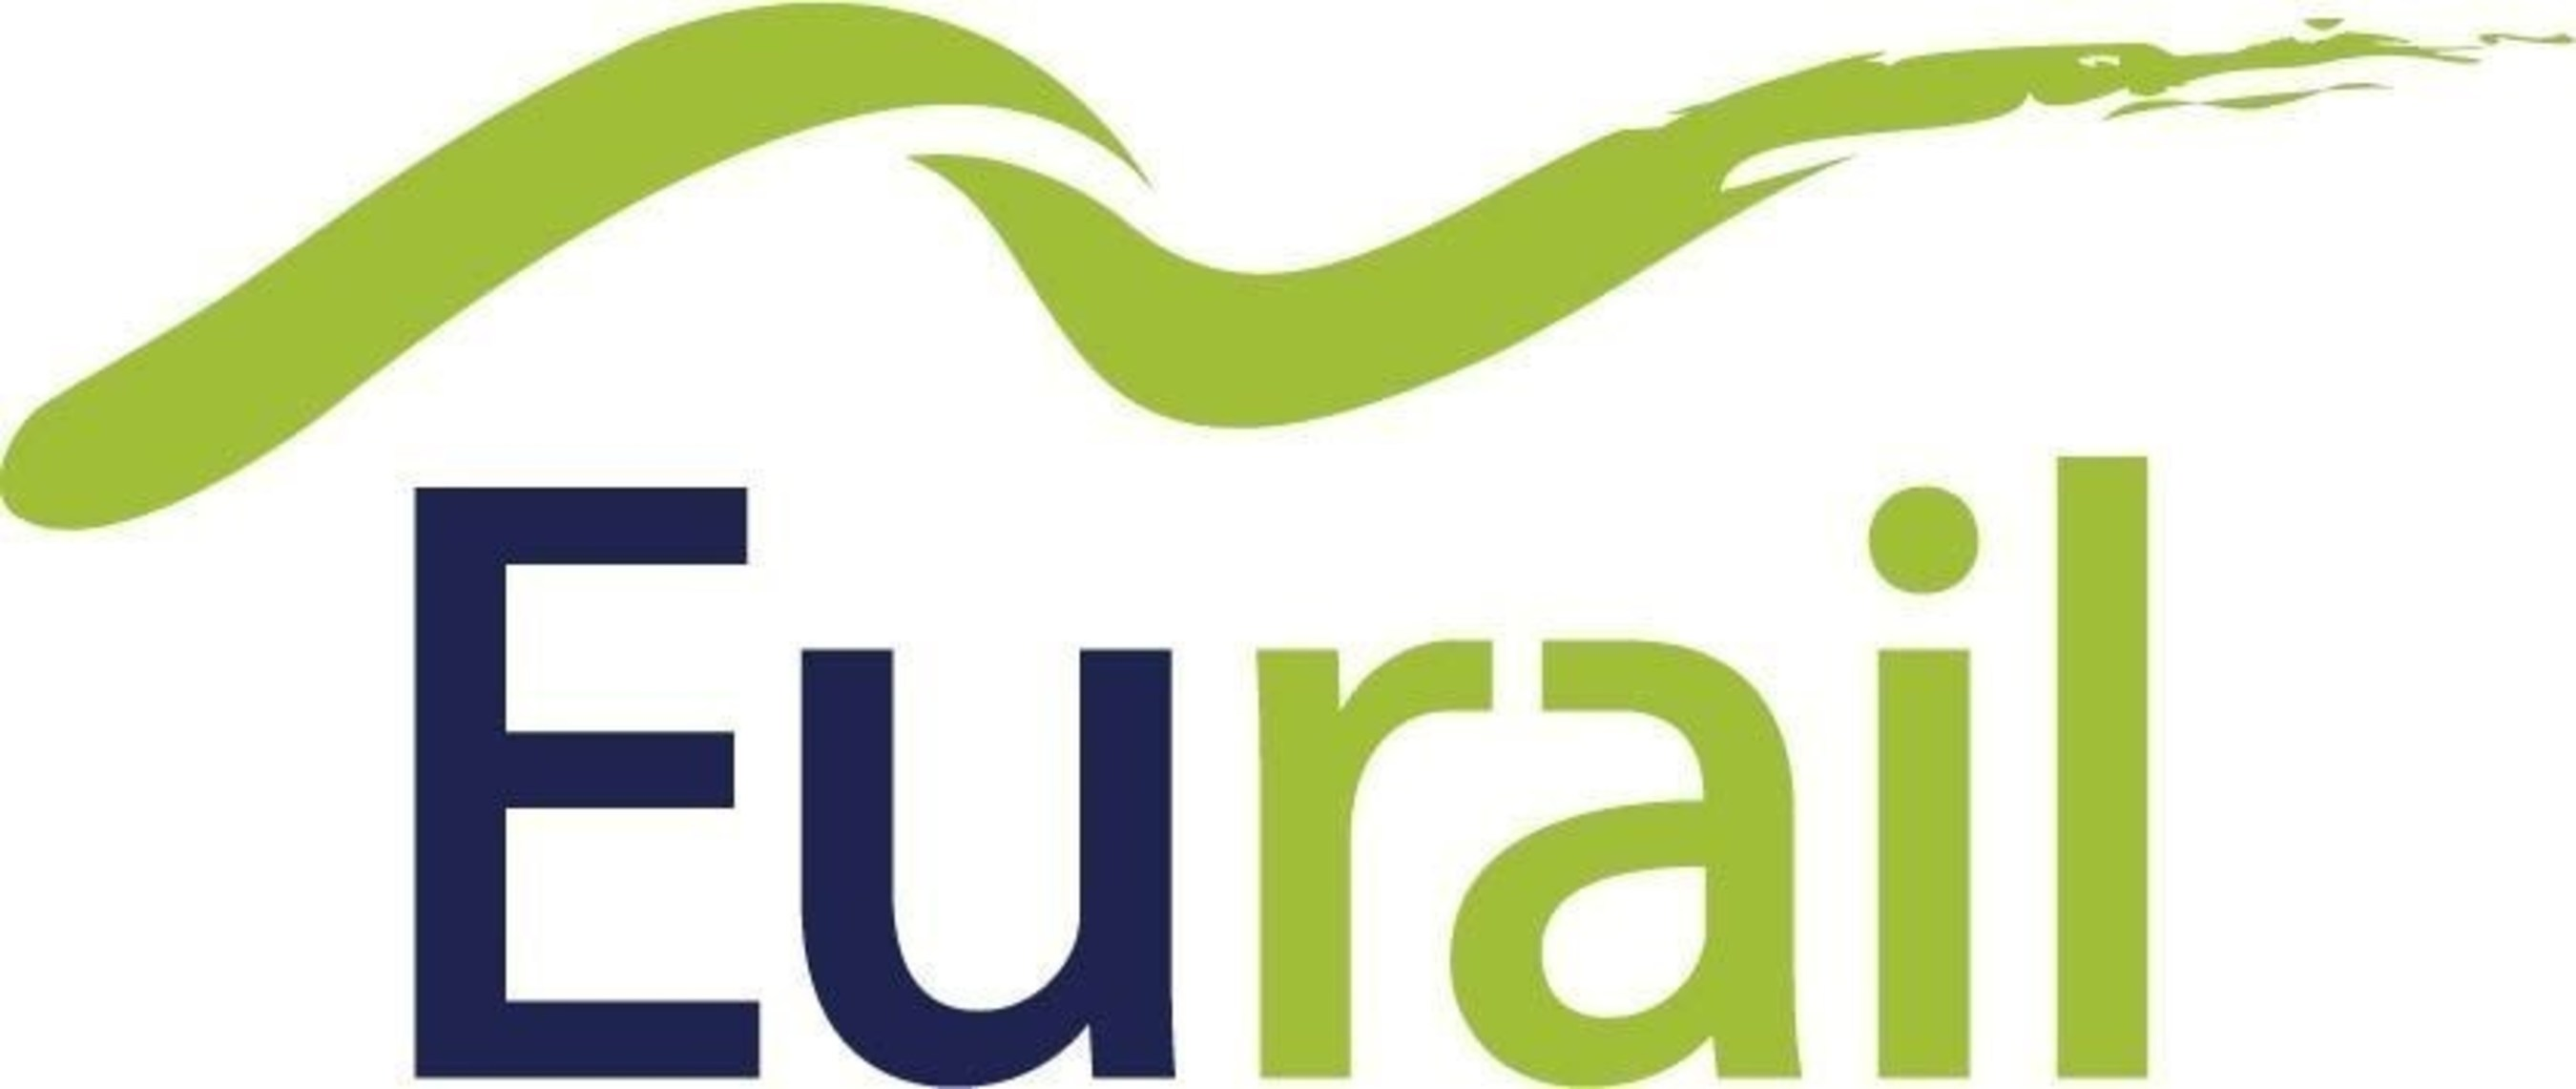 Los pasajeros de Eurail podrán mantenerse en contacto con tarjeta SIM y crédito gratis